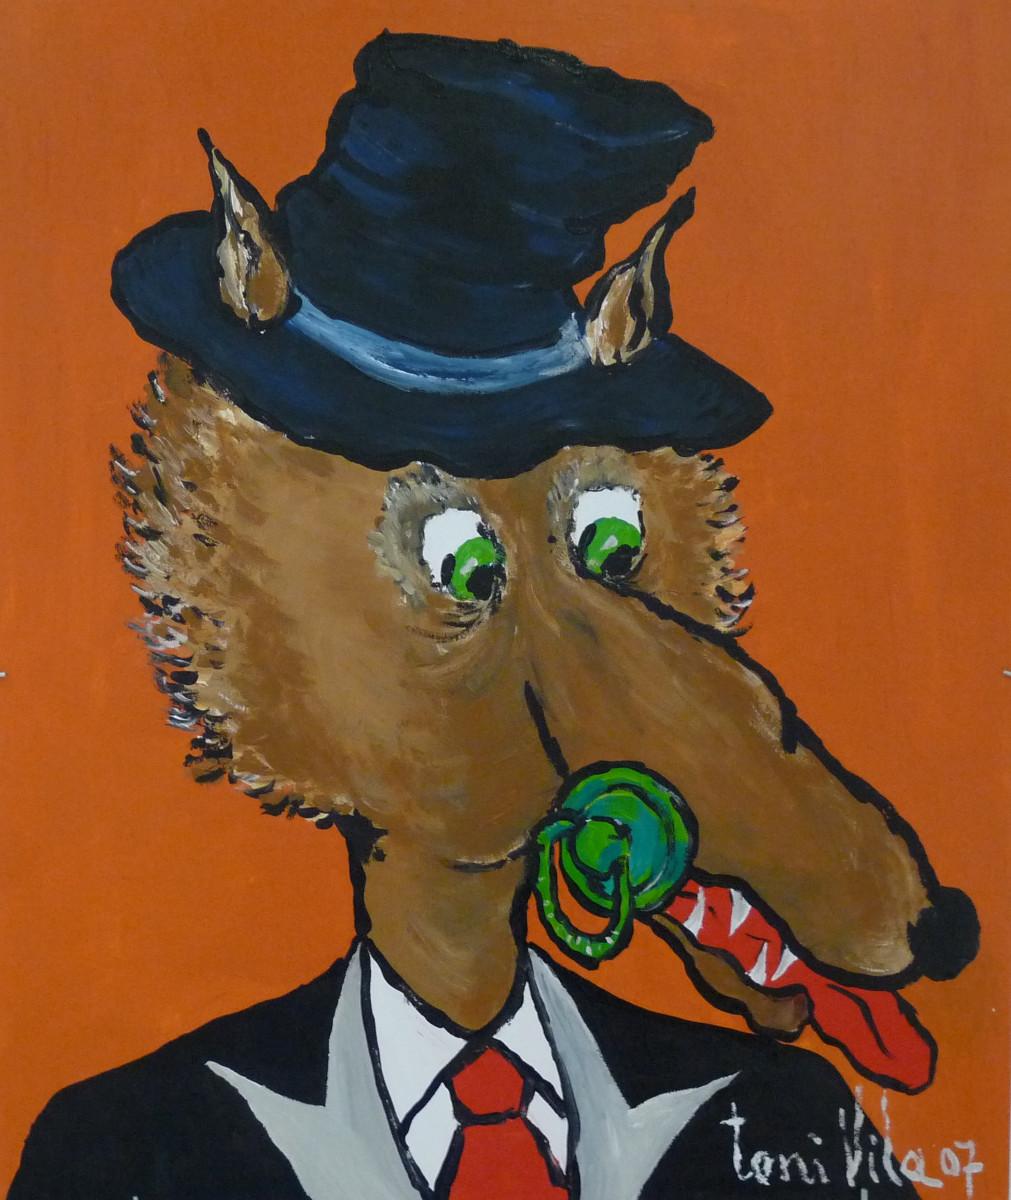 El Lobo | Toni Vila (40 cm x 60 cm)